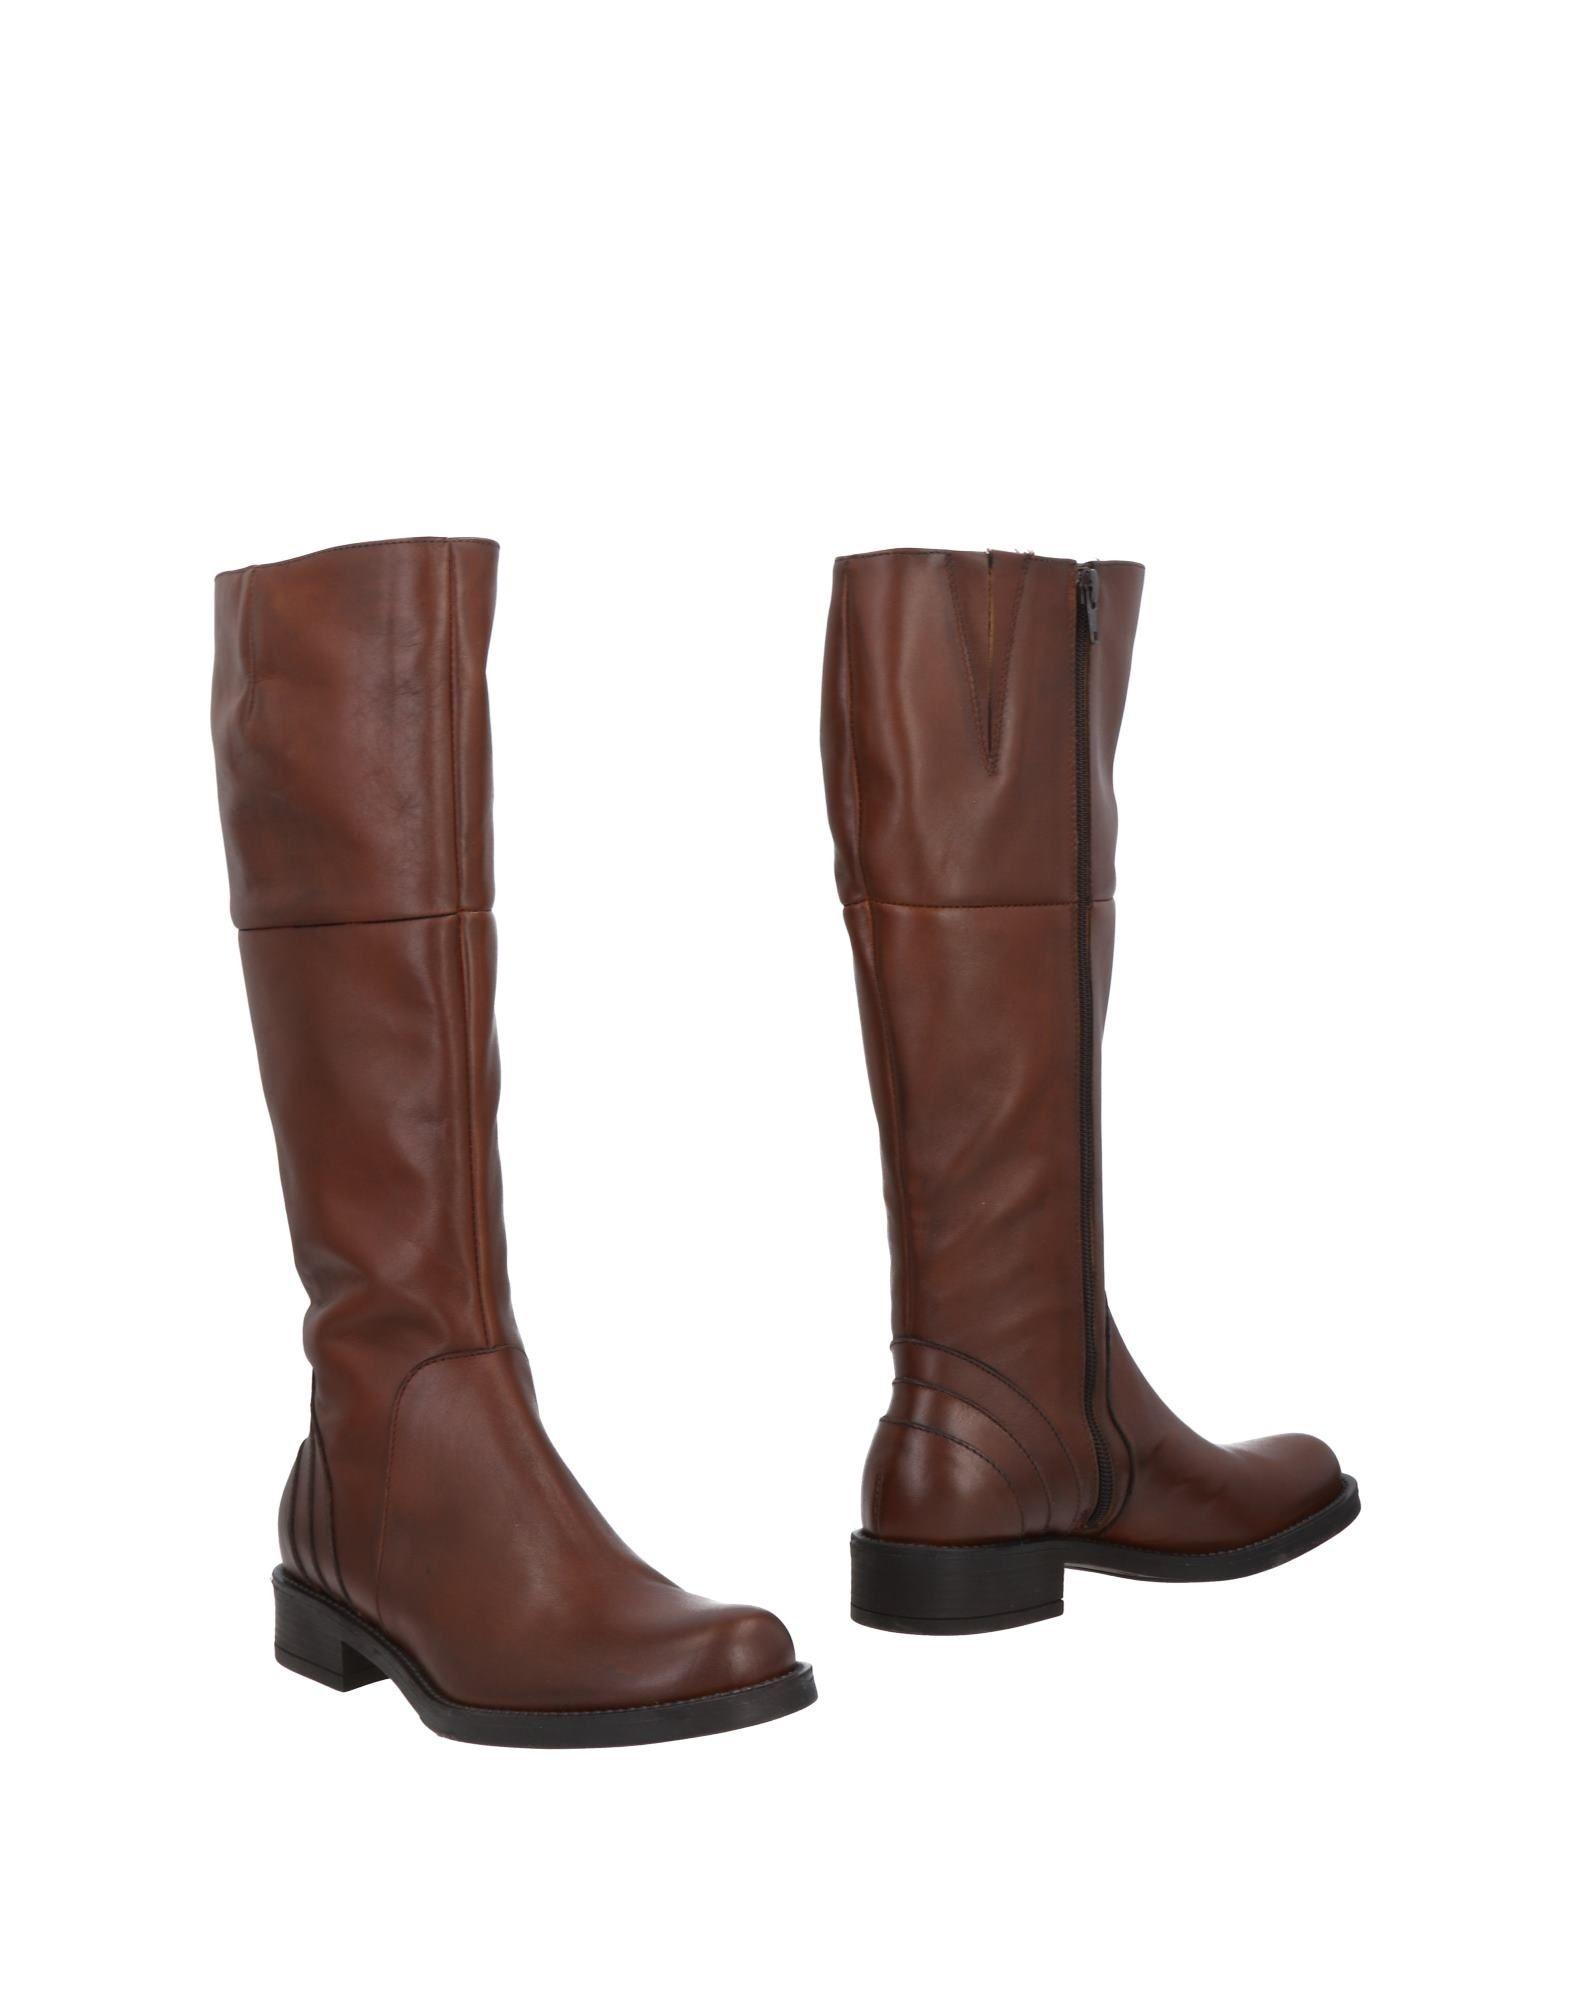 femme pi & # ; bottes & - femmes femme pi & bottes # ; bottes en ligne le royaume - uni - os fca1f2